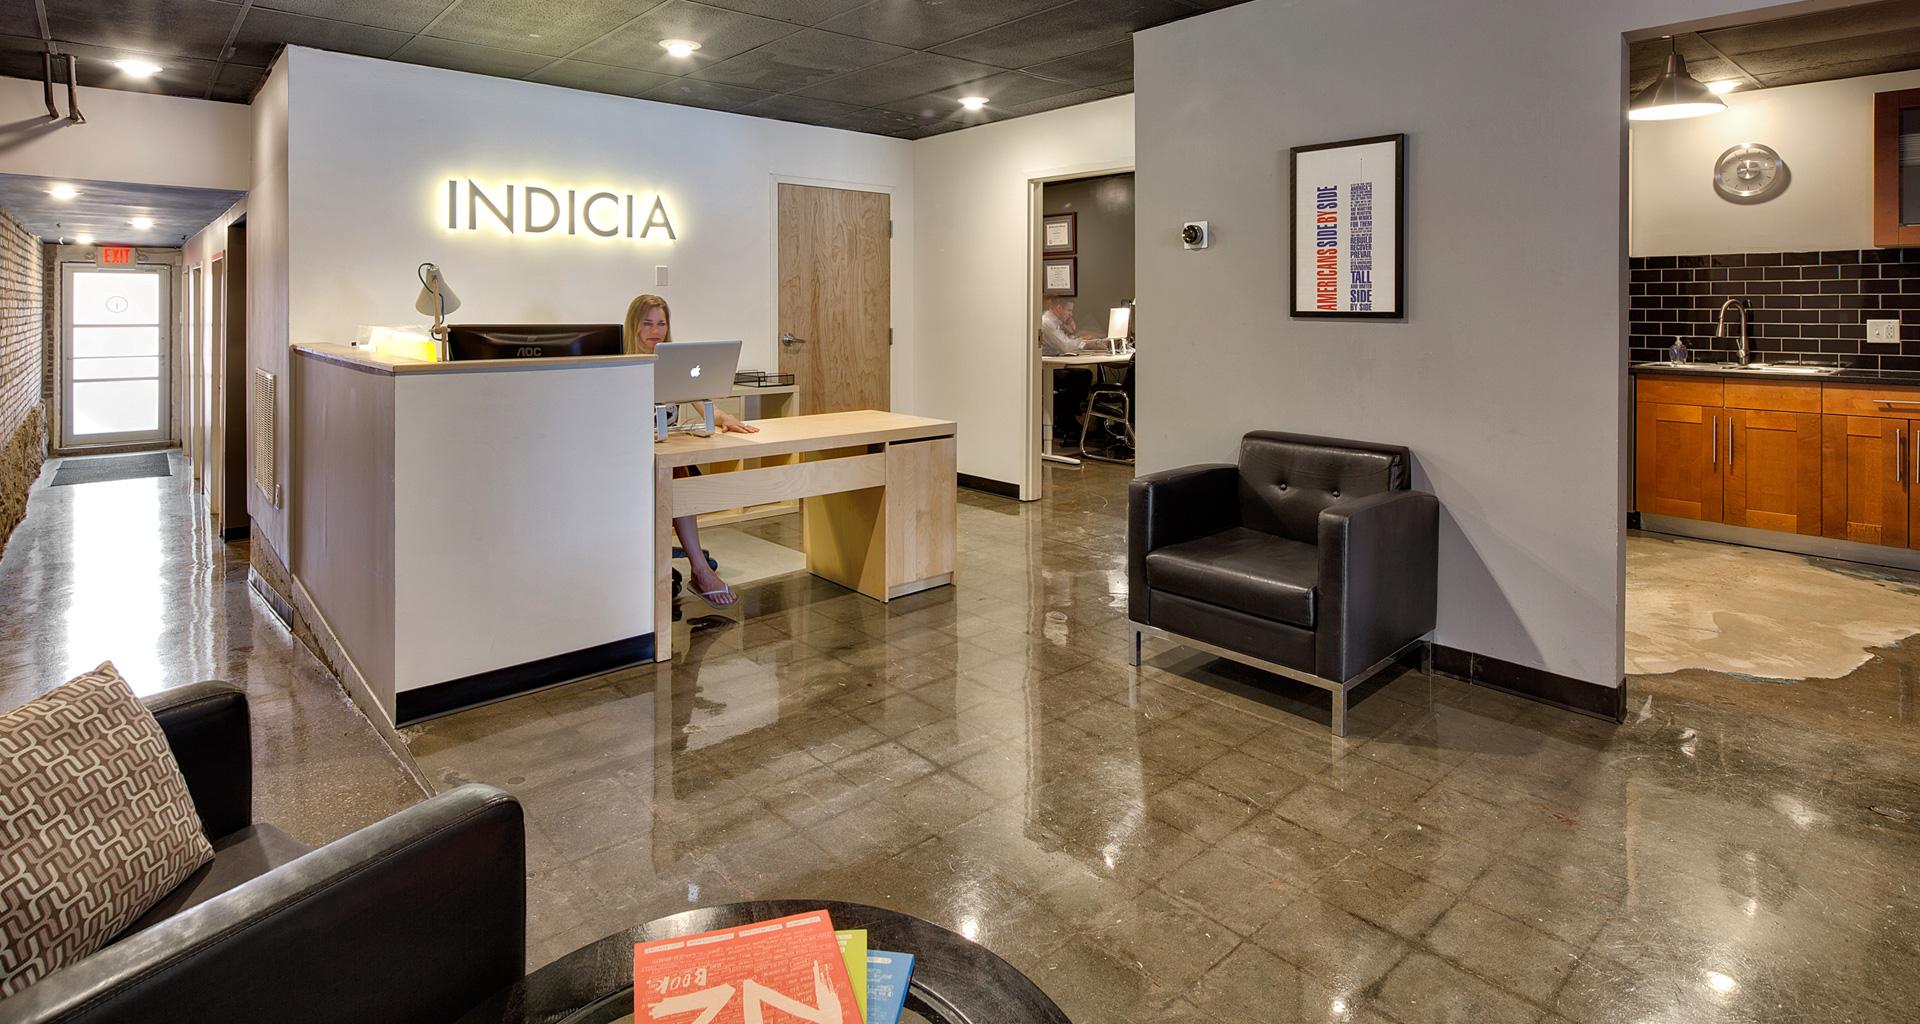 Indicia Design Location